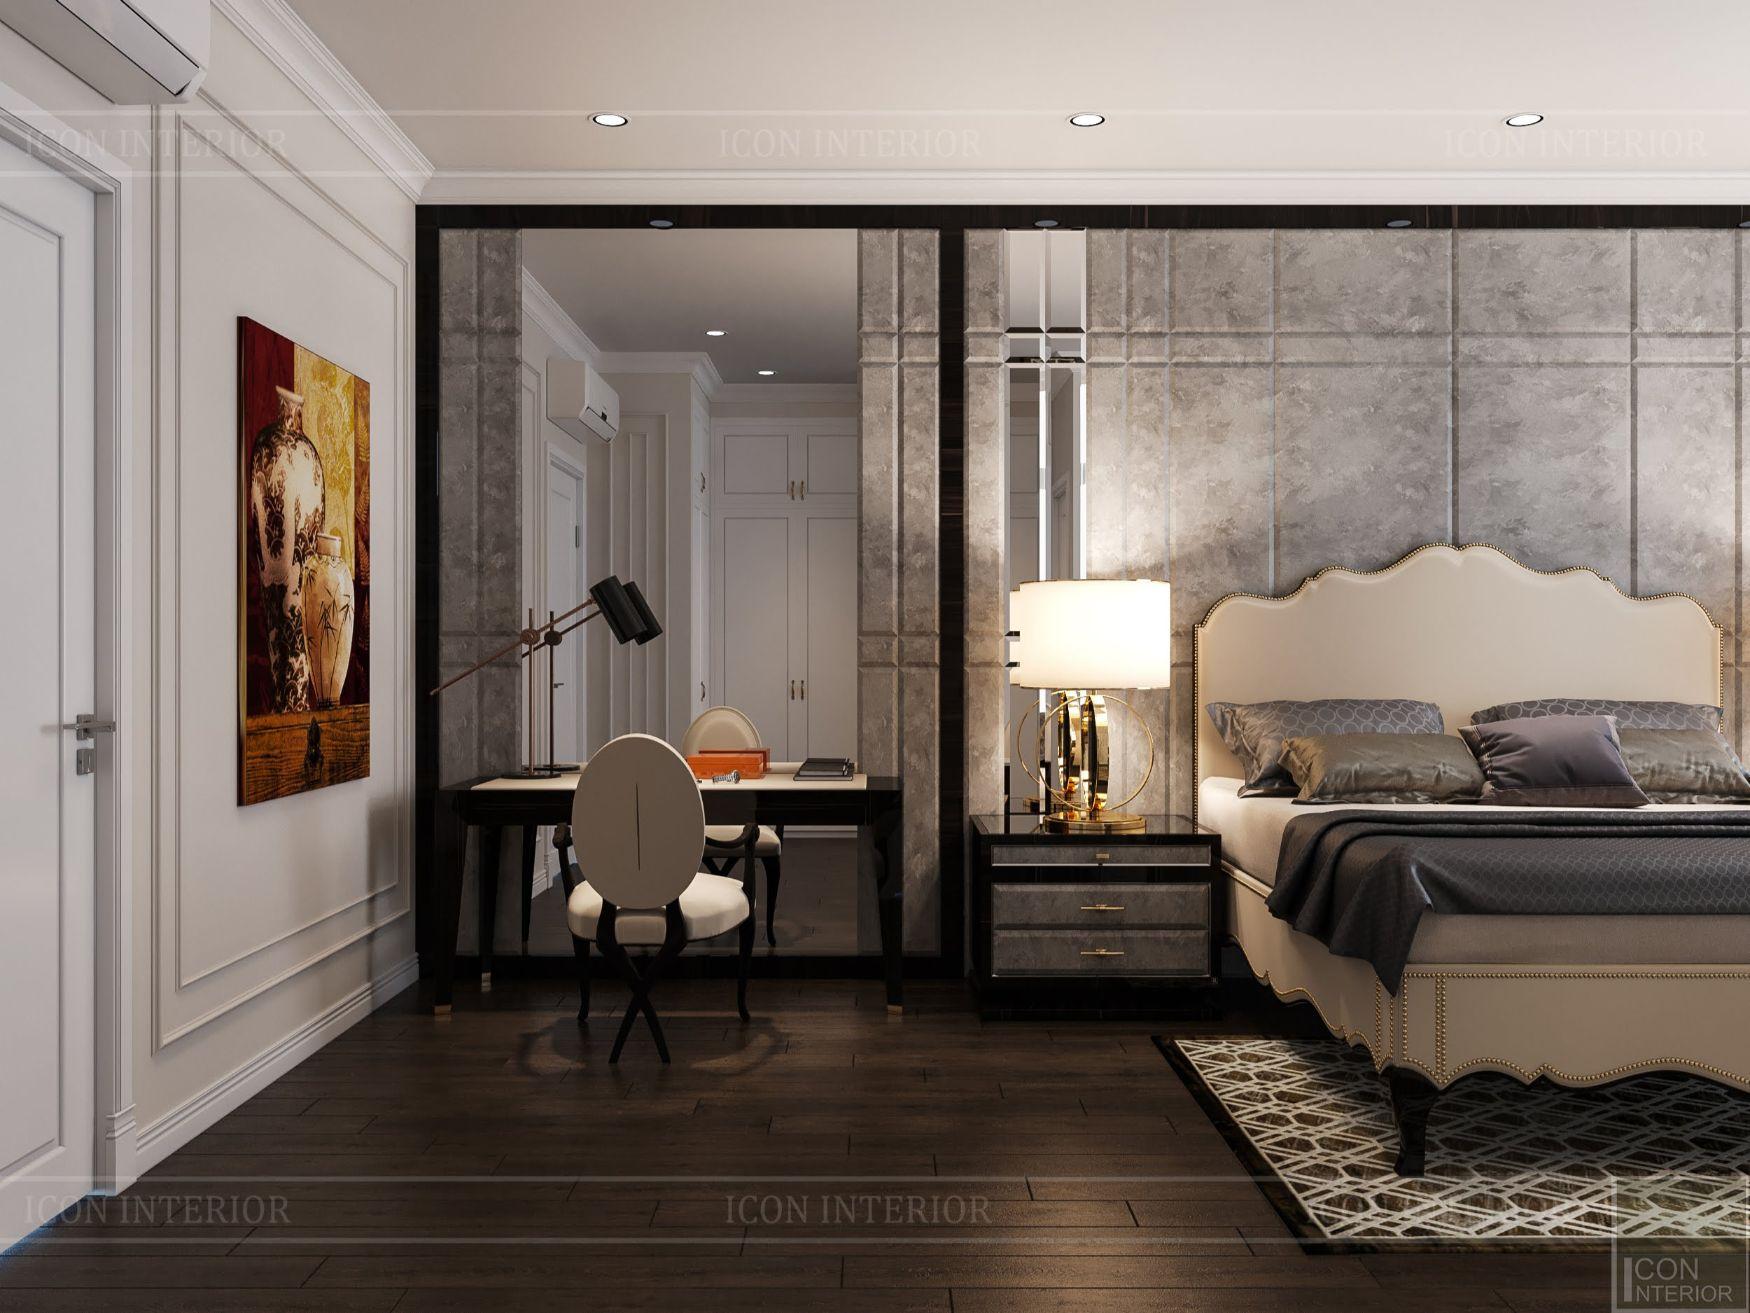 mẫu thiết kế nội thất biệt thự - phòng ngủ 3